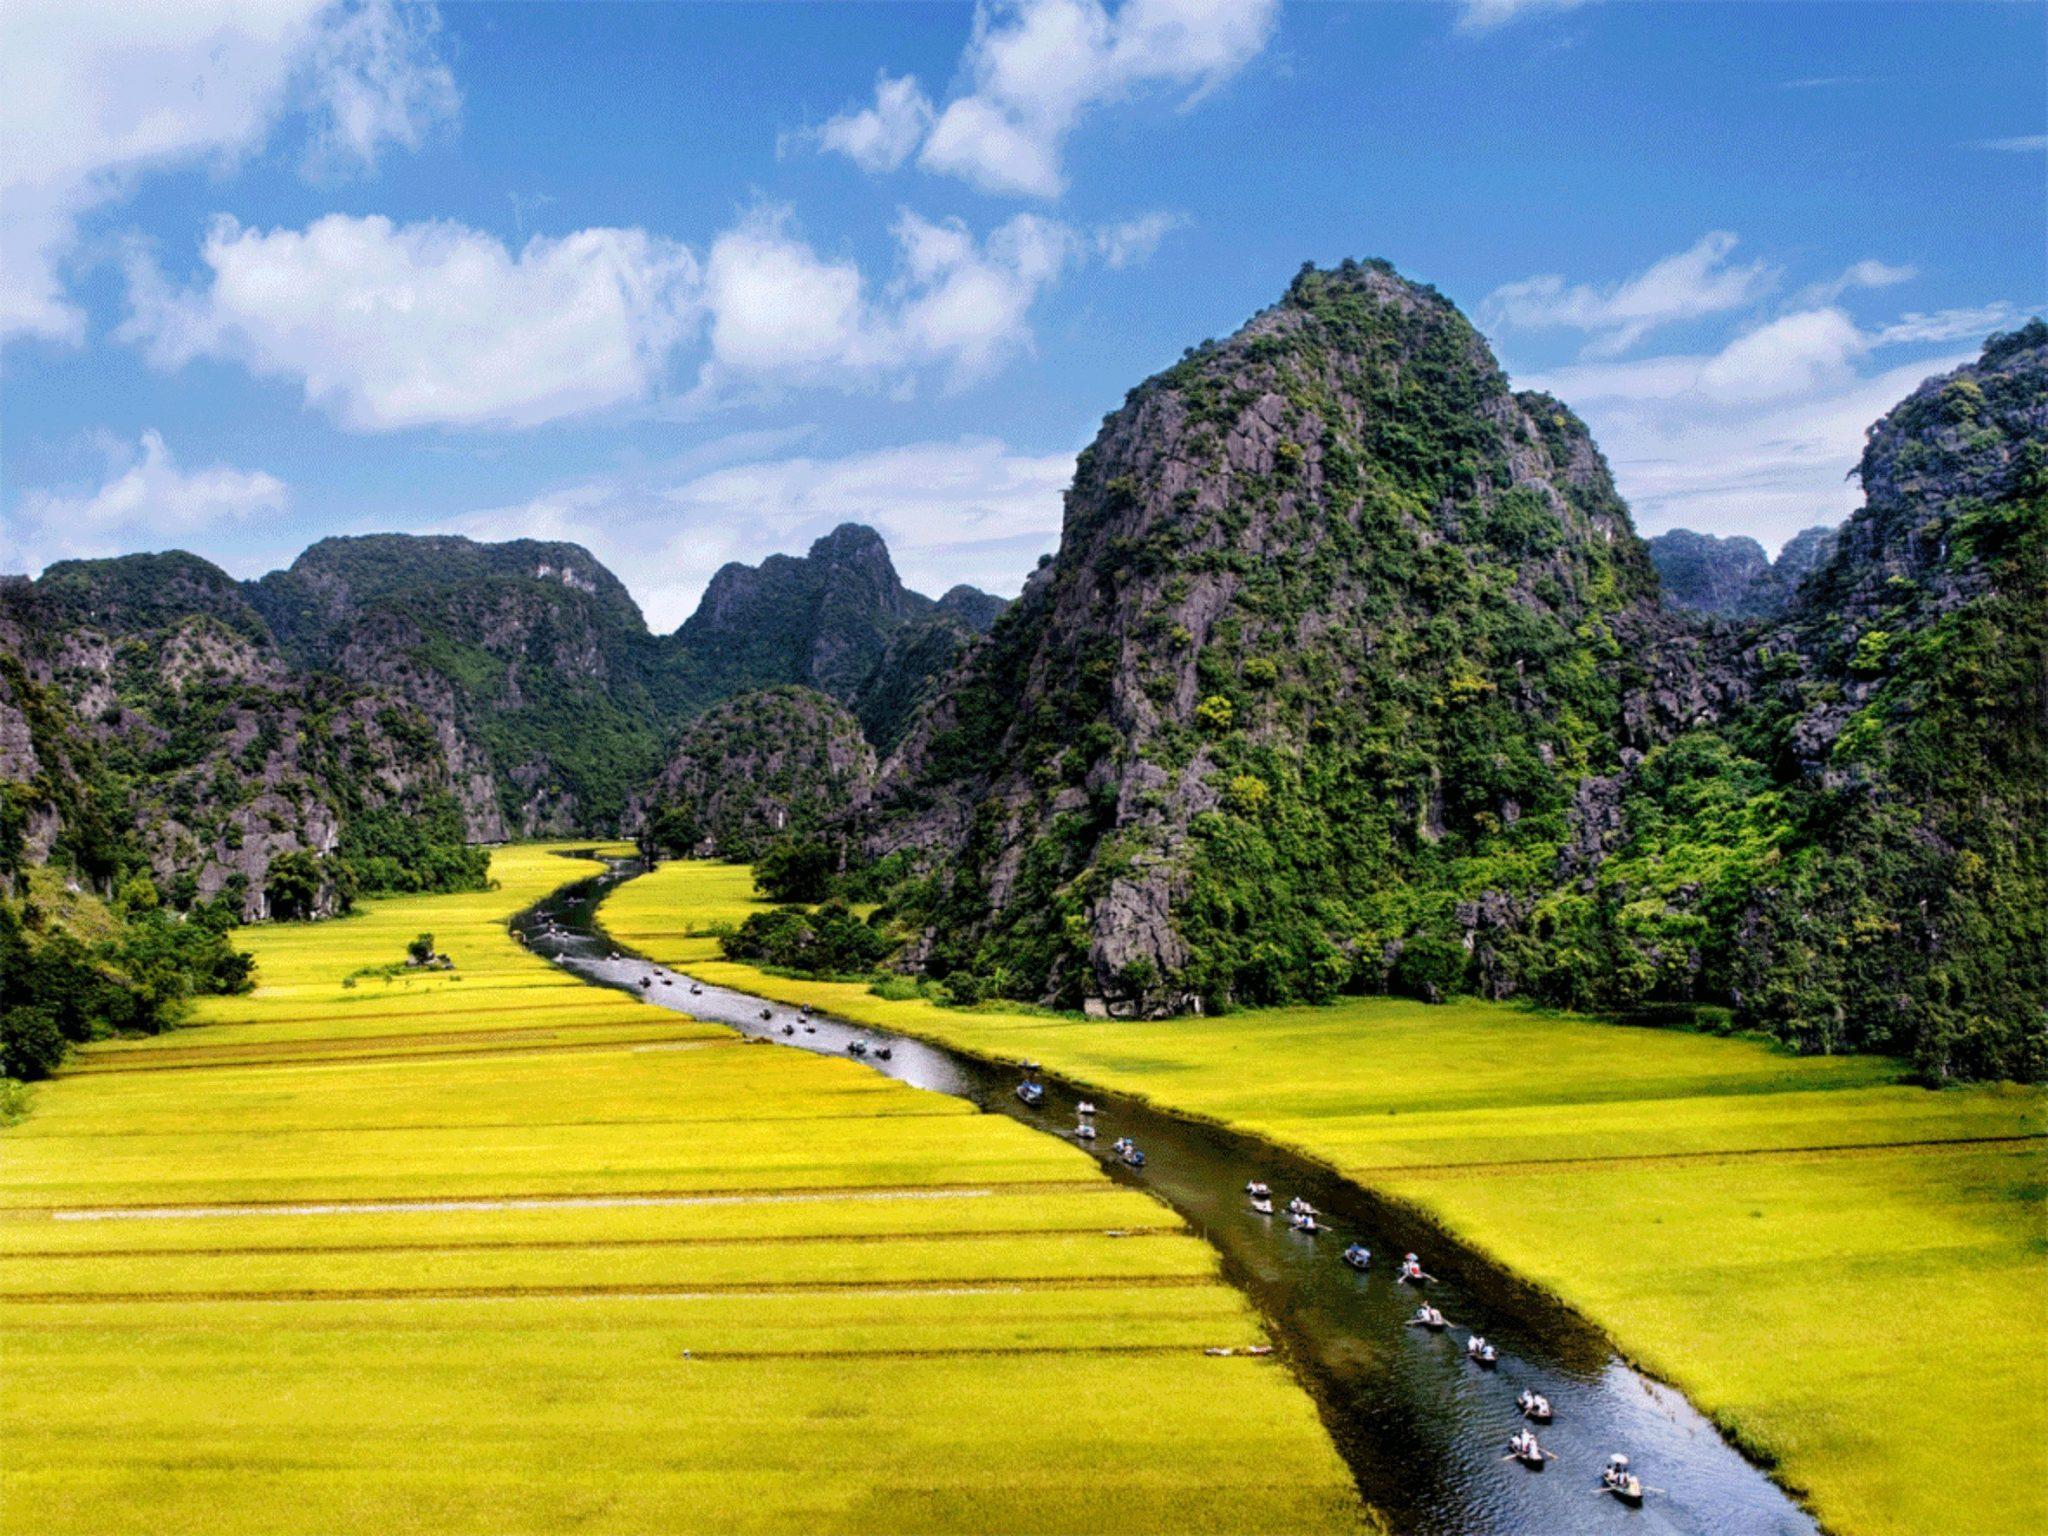 Rice terrace in Vietnam